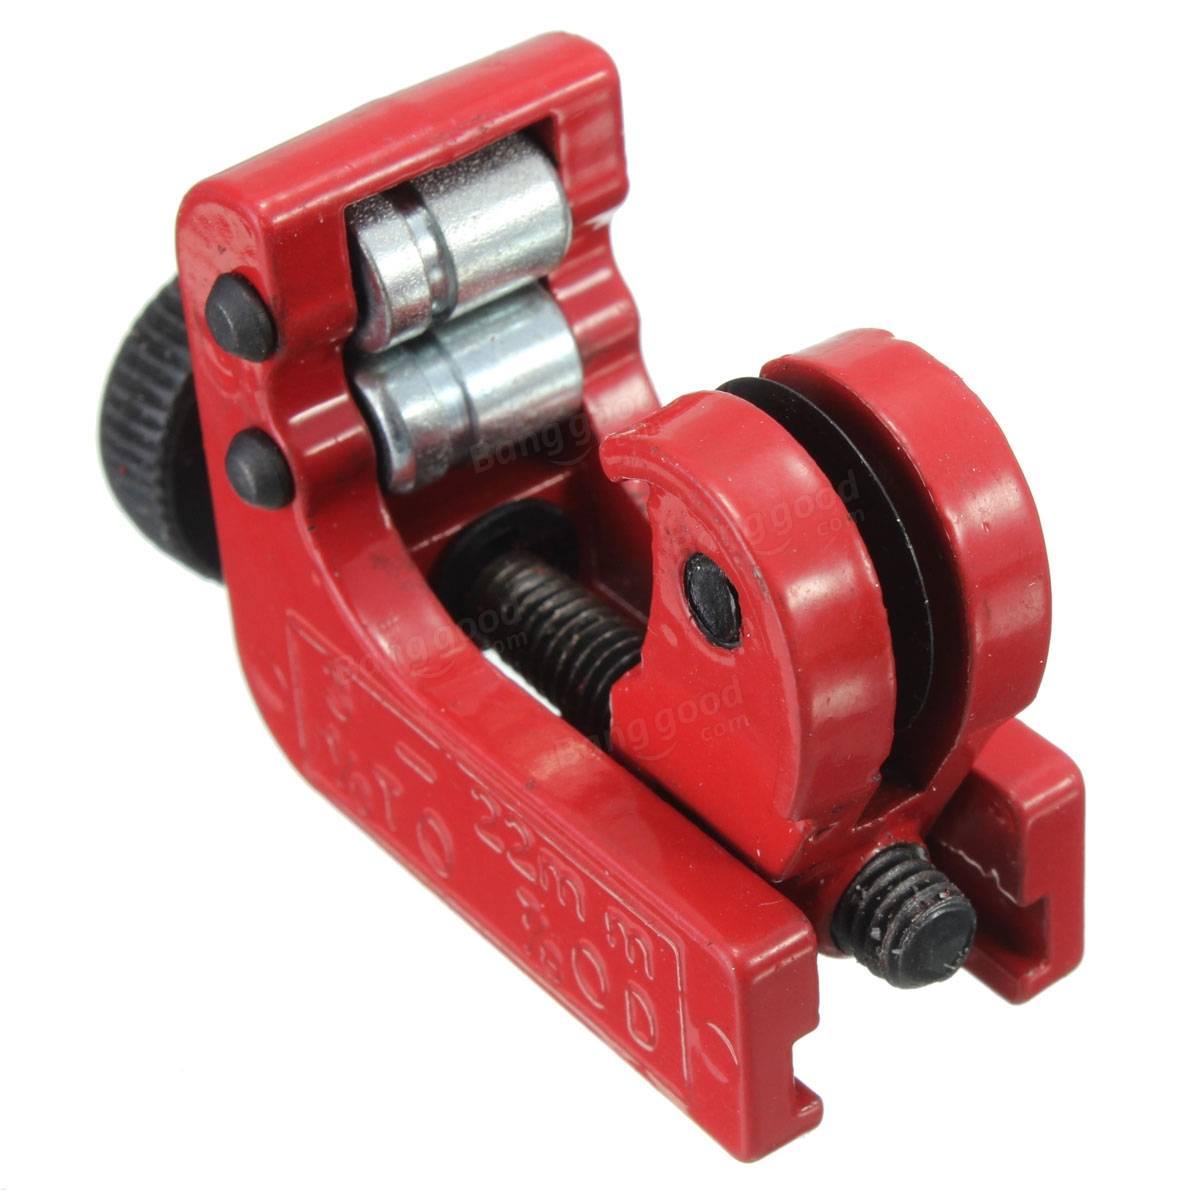 Mini Tube Cutter Slice Copper Aluminum Tubing Pipe Cutting Tool 3-22mm 1/8inch-7/8inch ...